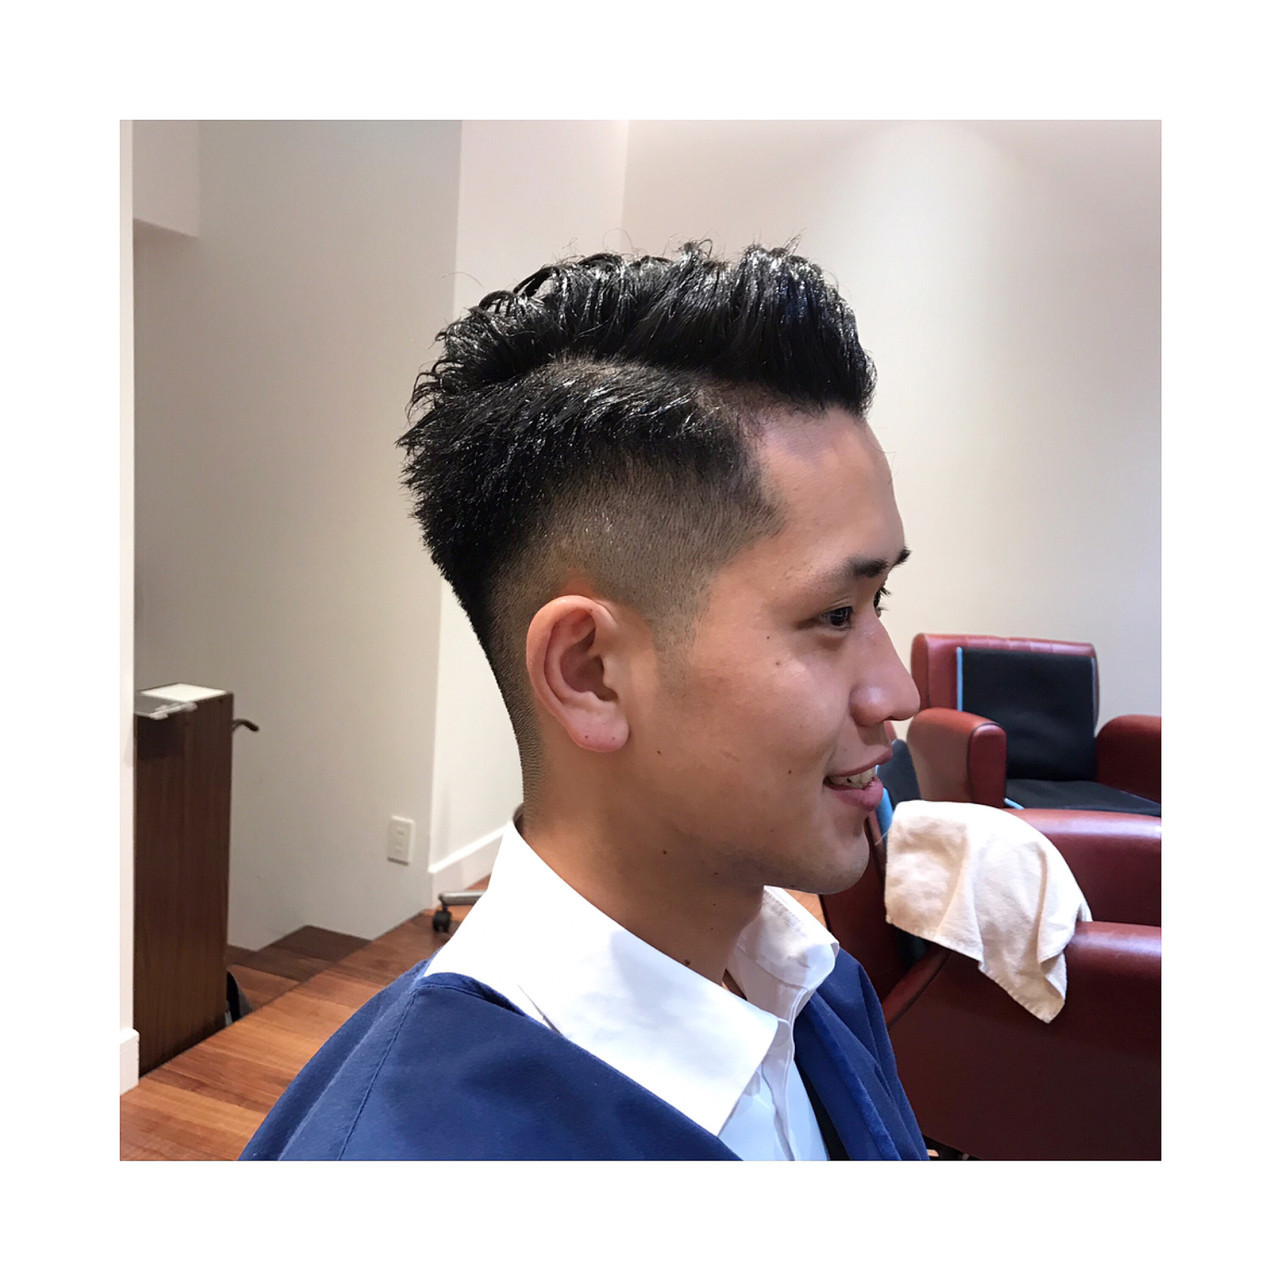 ナチュラル 刈り上げ メンズカット ショート ヘアスタイルや髪型の写真・画像